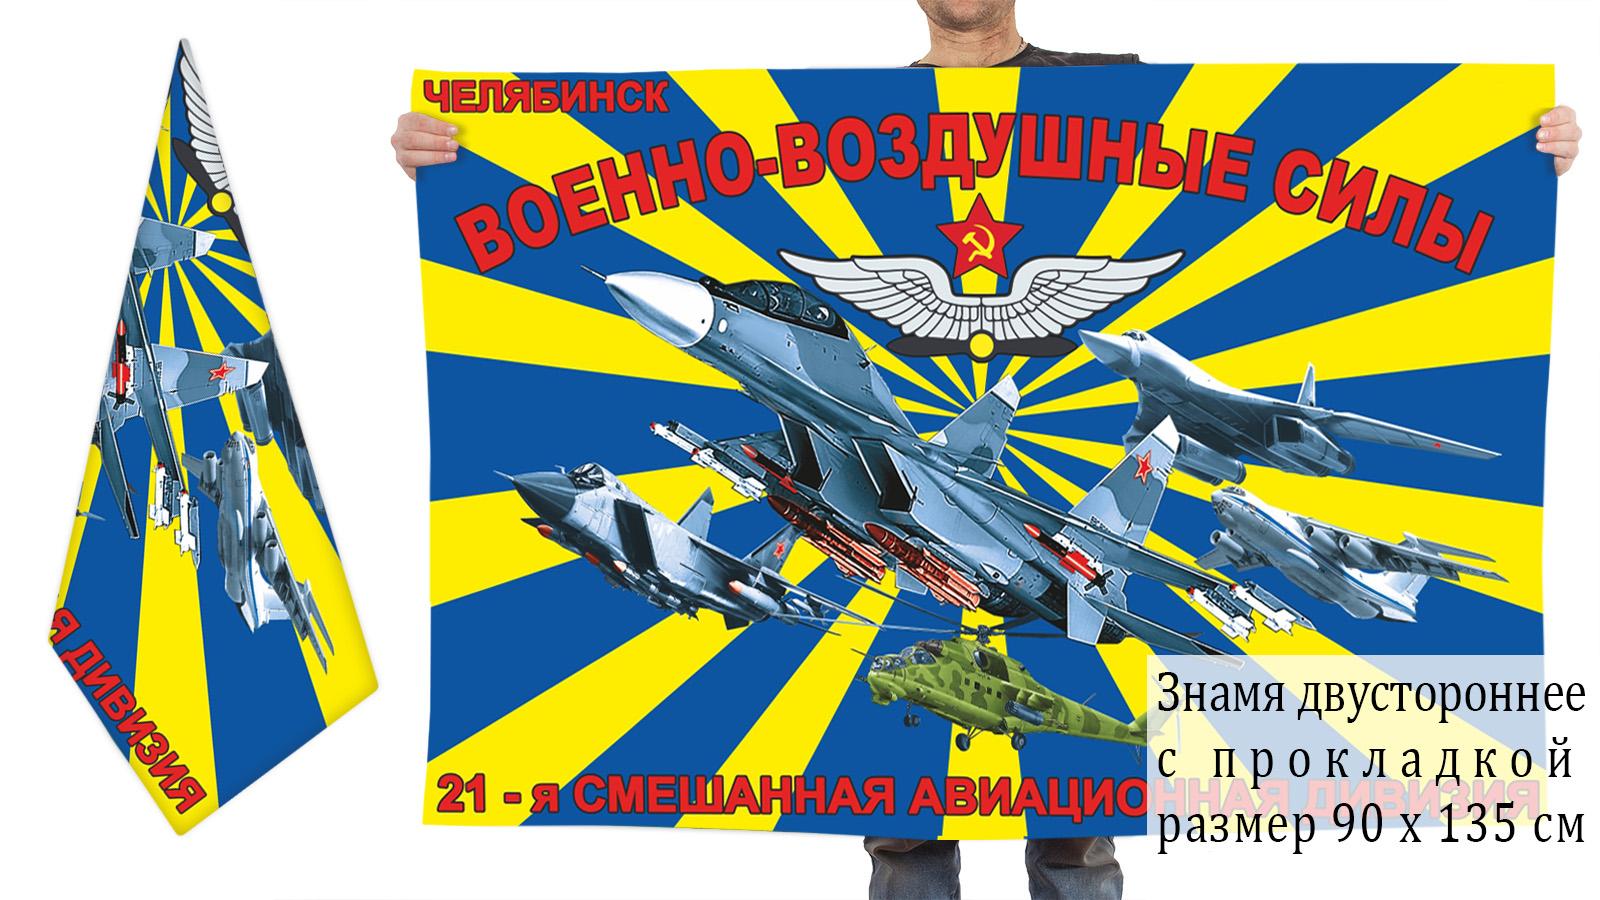 Заказать флаг ВВС 21 смешанная авиационная дивизия